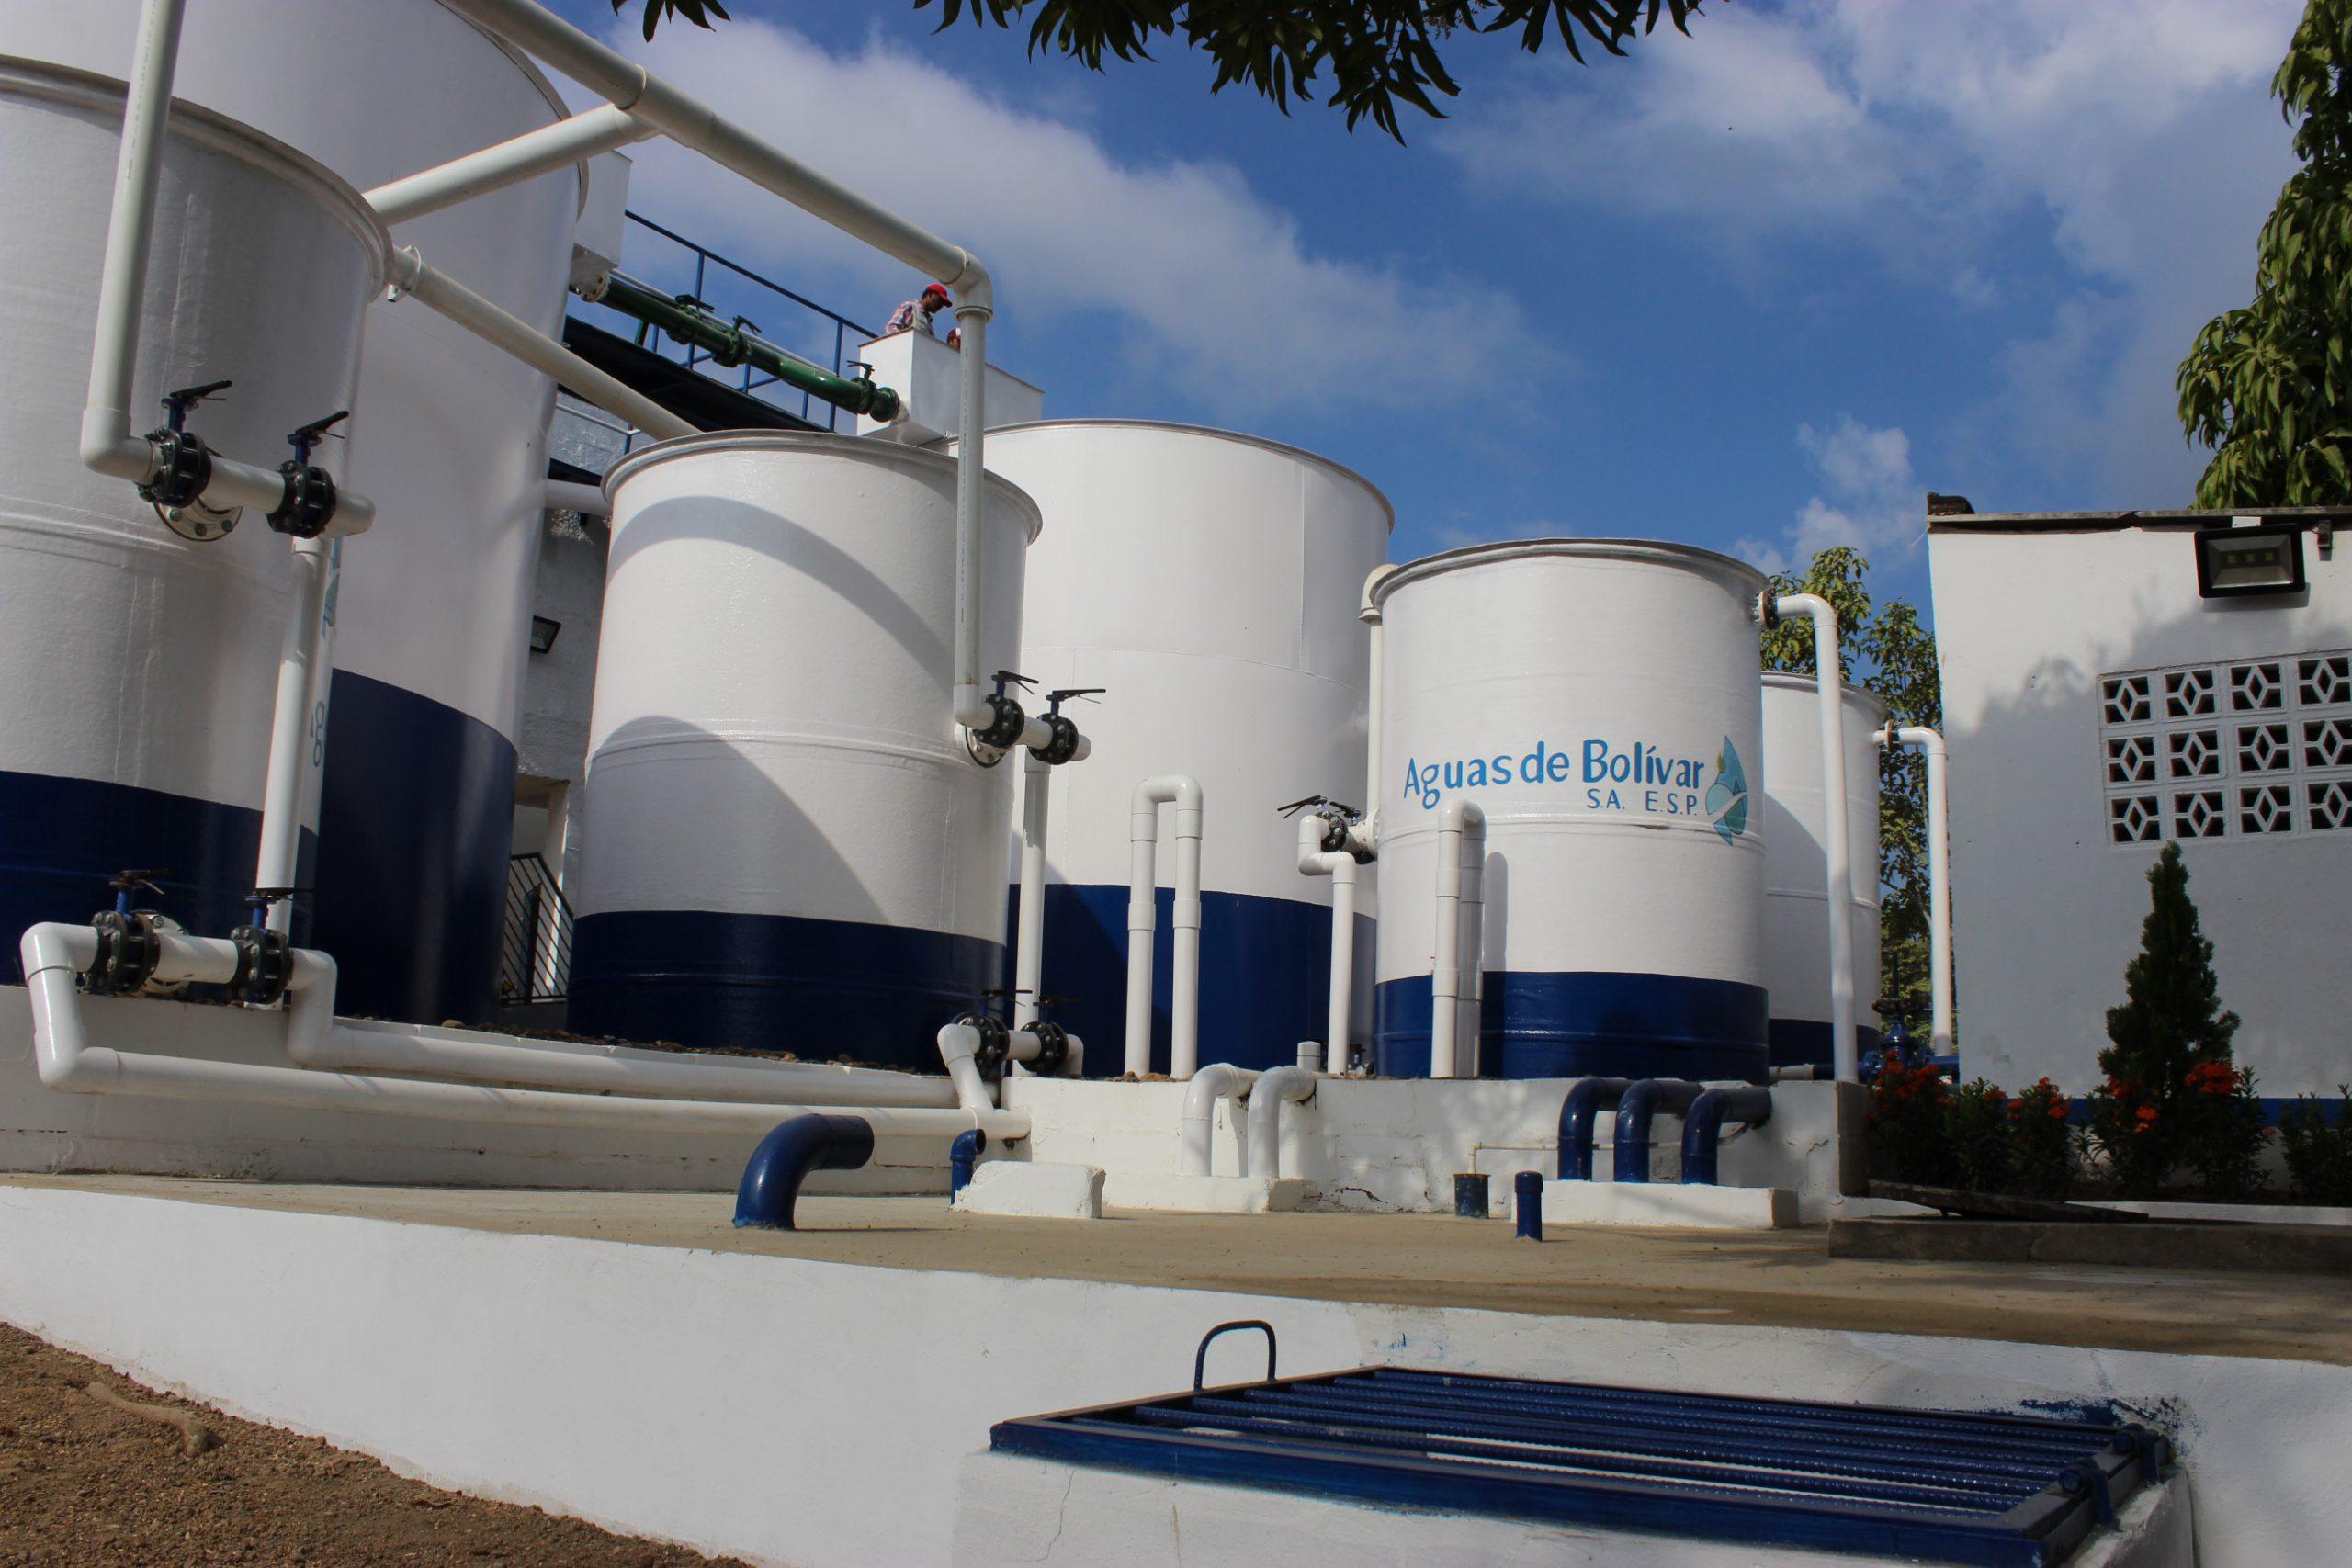 Aguas de Bolivar (3)